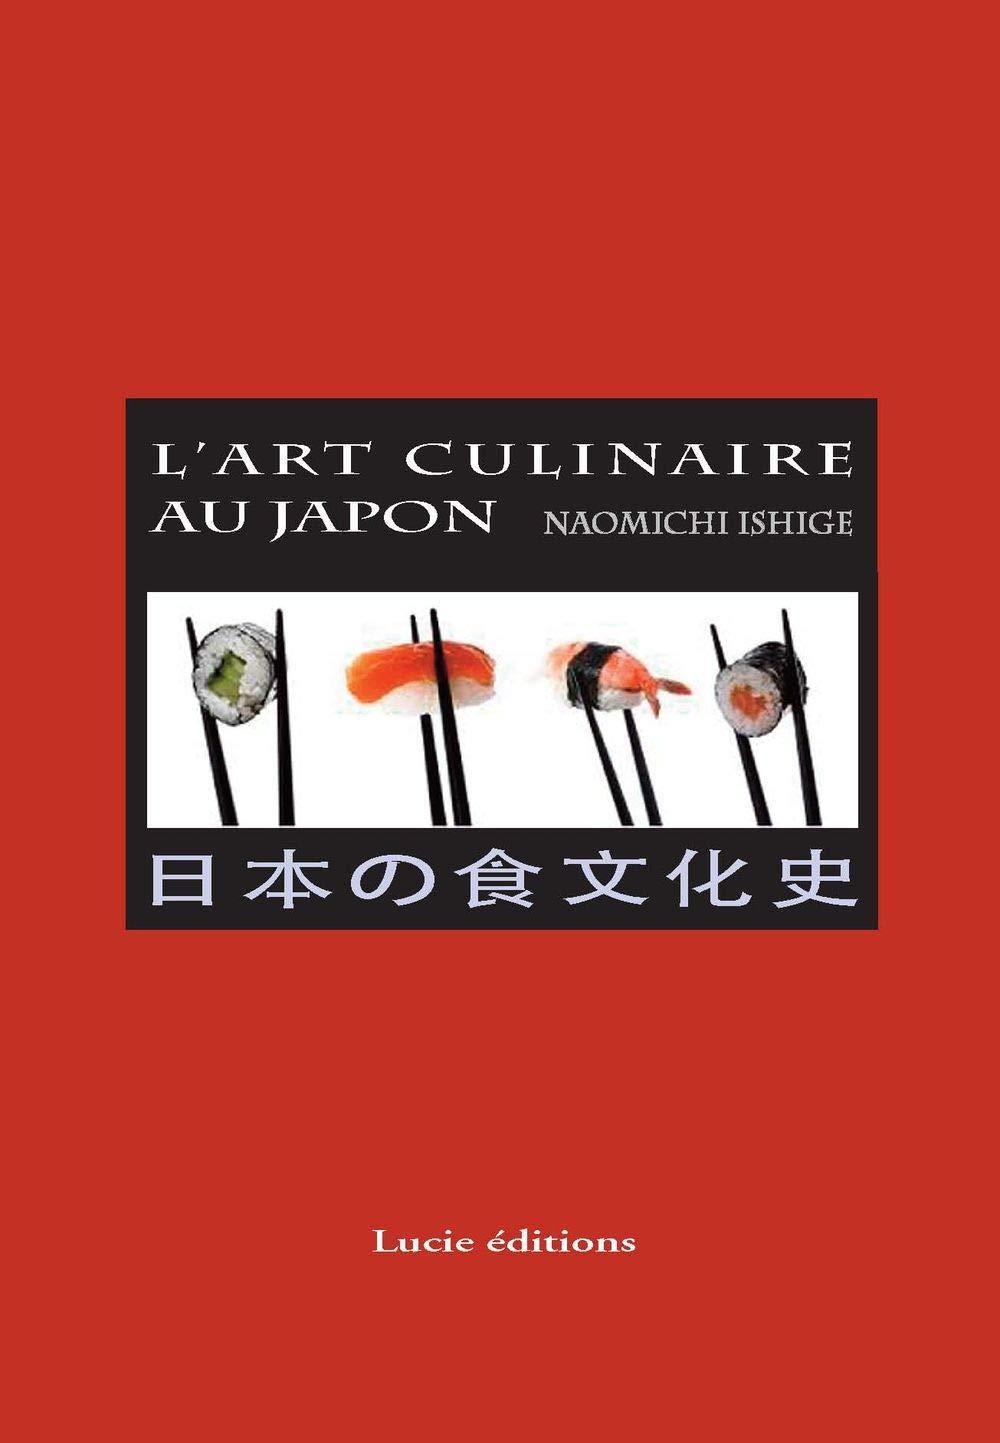 japonais culture laboratoire datant